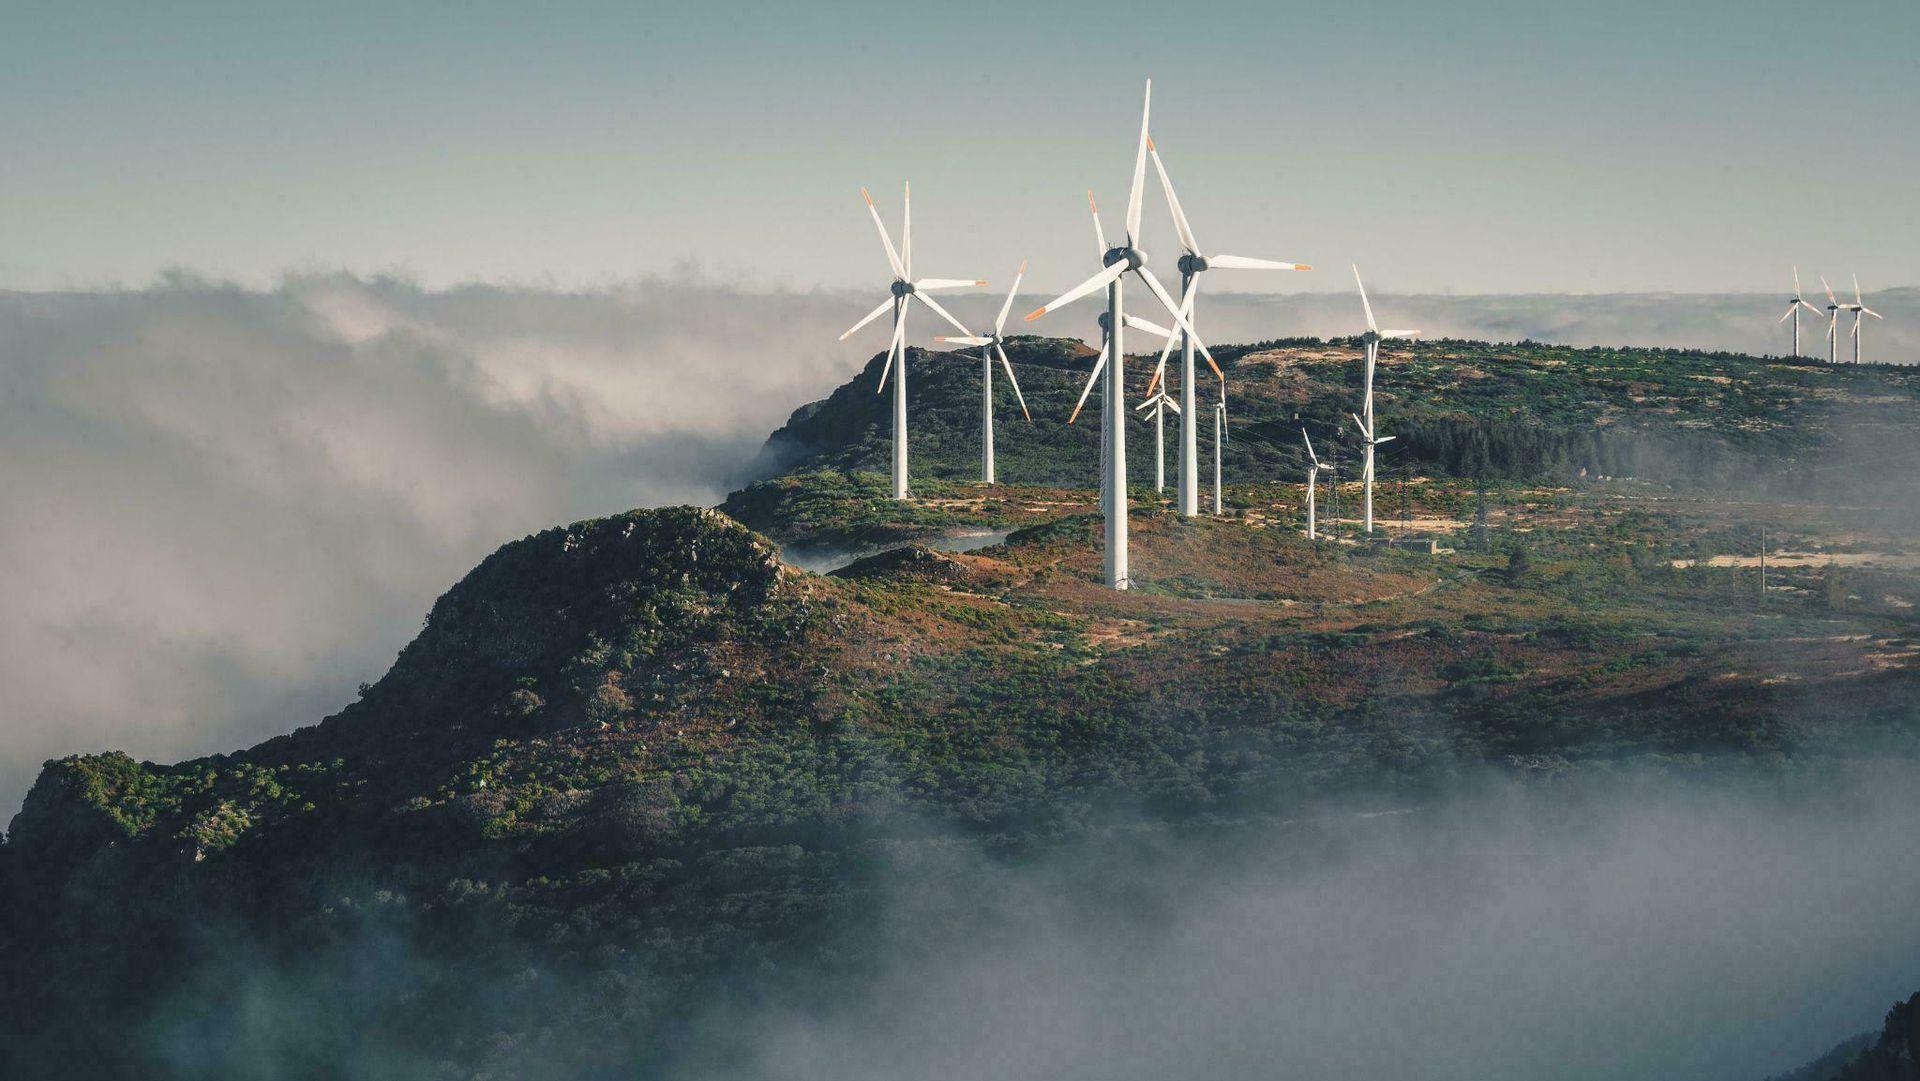 ANNONSE: Uten norsk teknologi kan kraftsystemet bryte sammen og det grønne skiftet bli forsinket